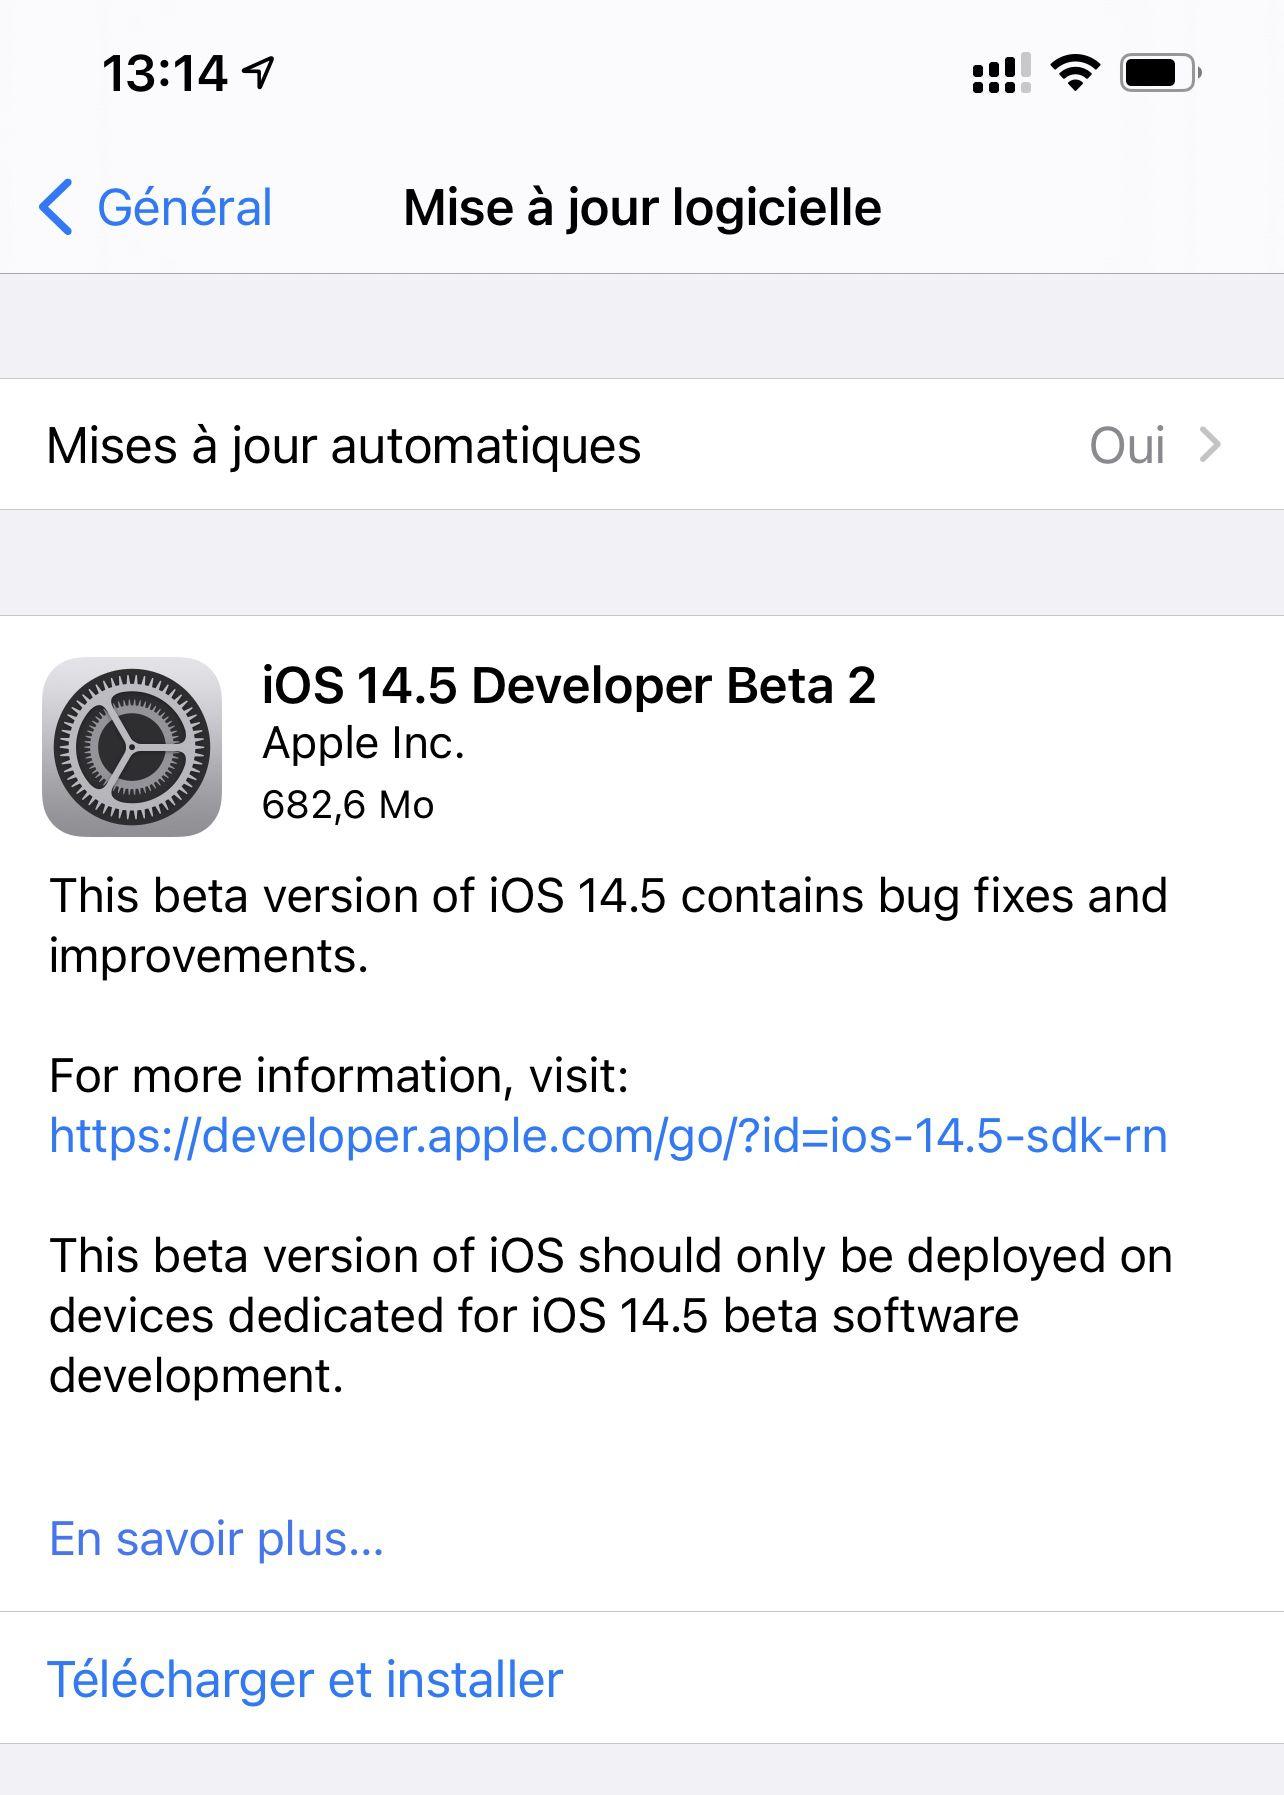 Nouvelles fonctionnalités d'iOS 14.5 Beta 2